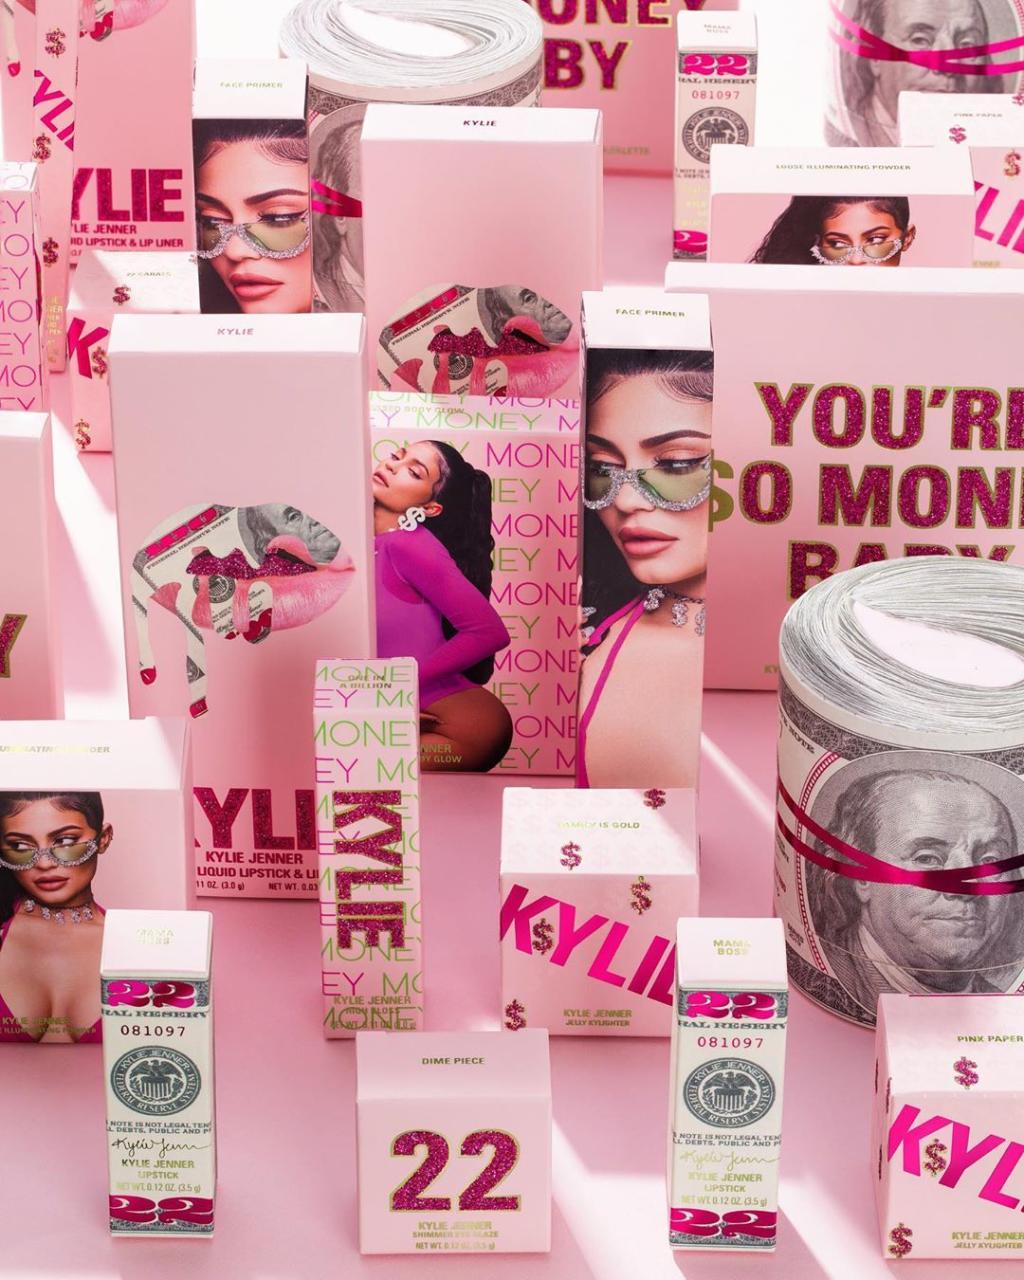 Kylie Jenner celebra su 19 cumpleaños con una nueva línea